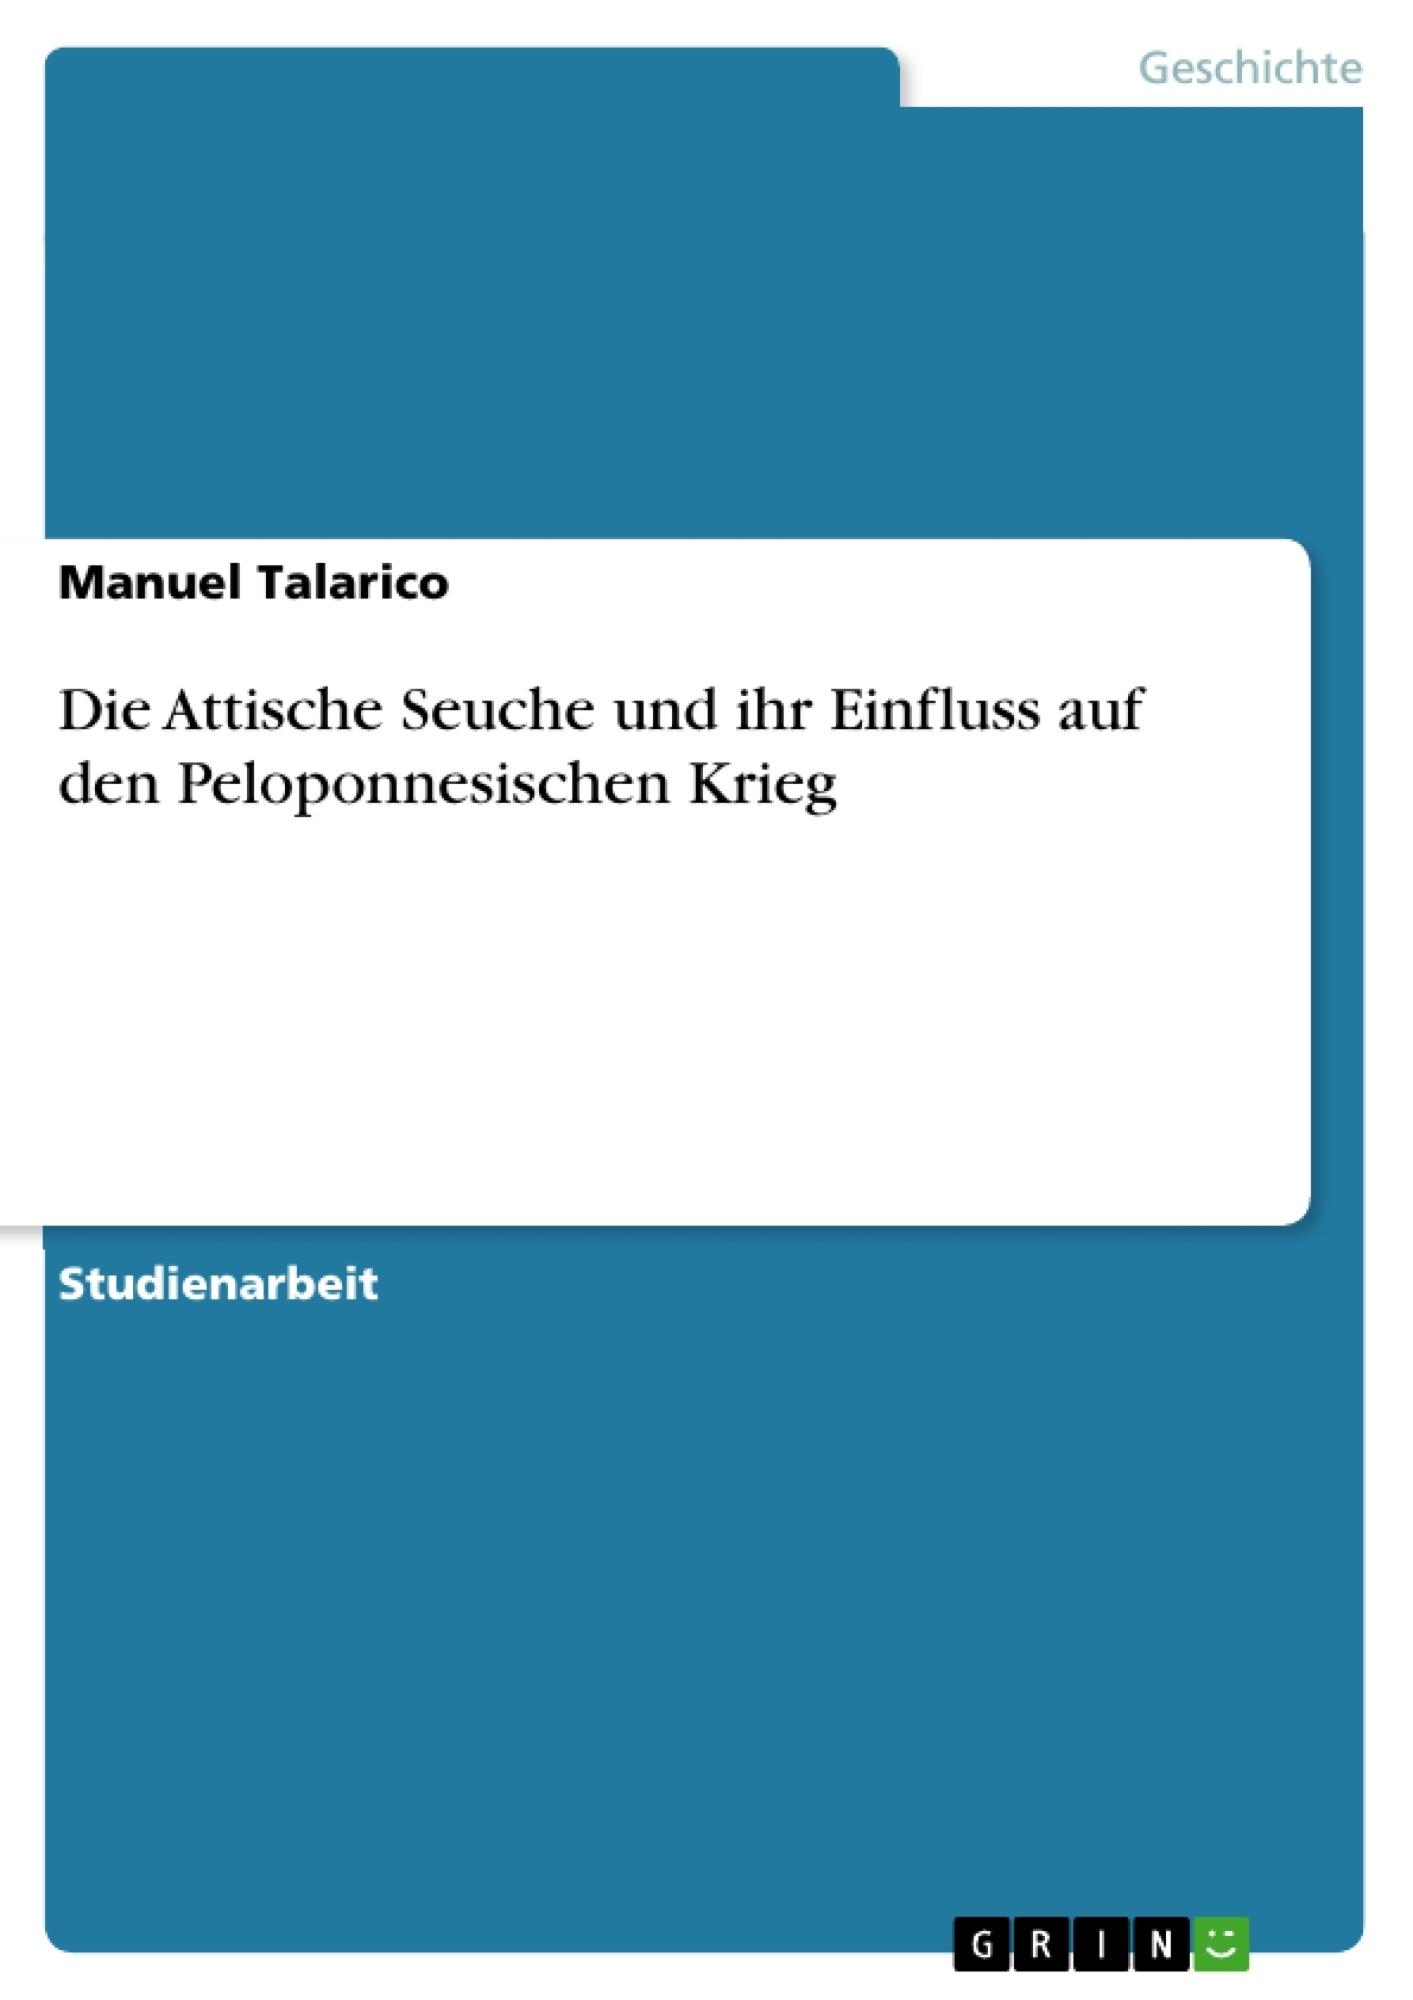 Titel: Die Attische Seuche und ihr Einfluss auf den Peloponnesischen Krieg